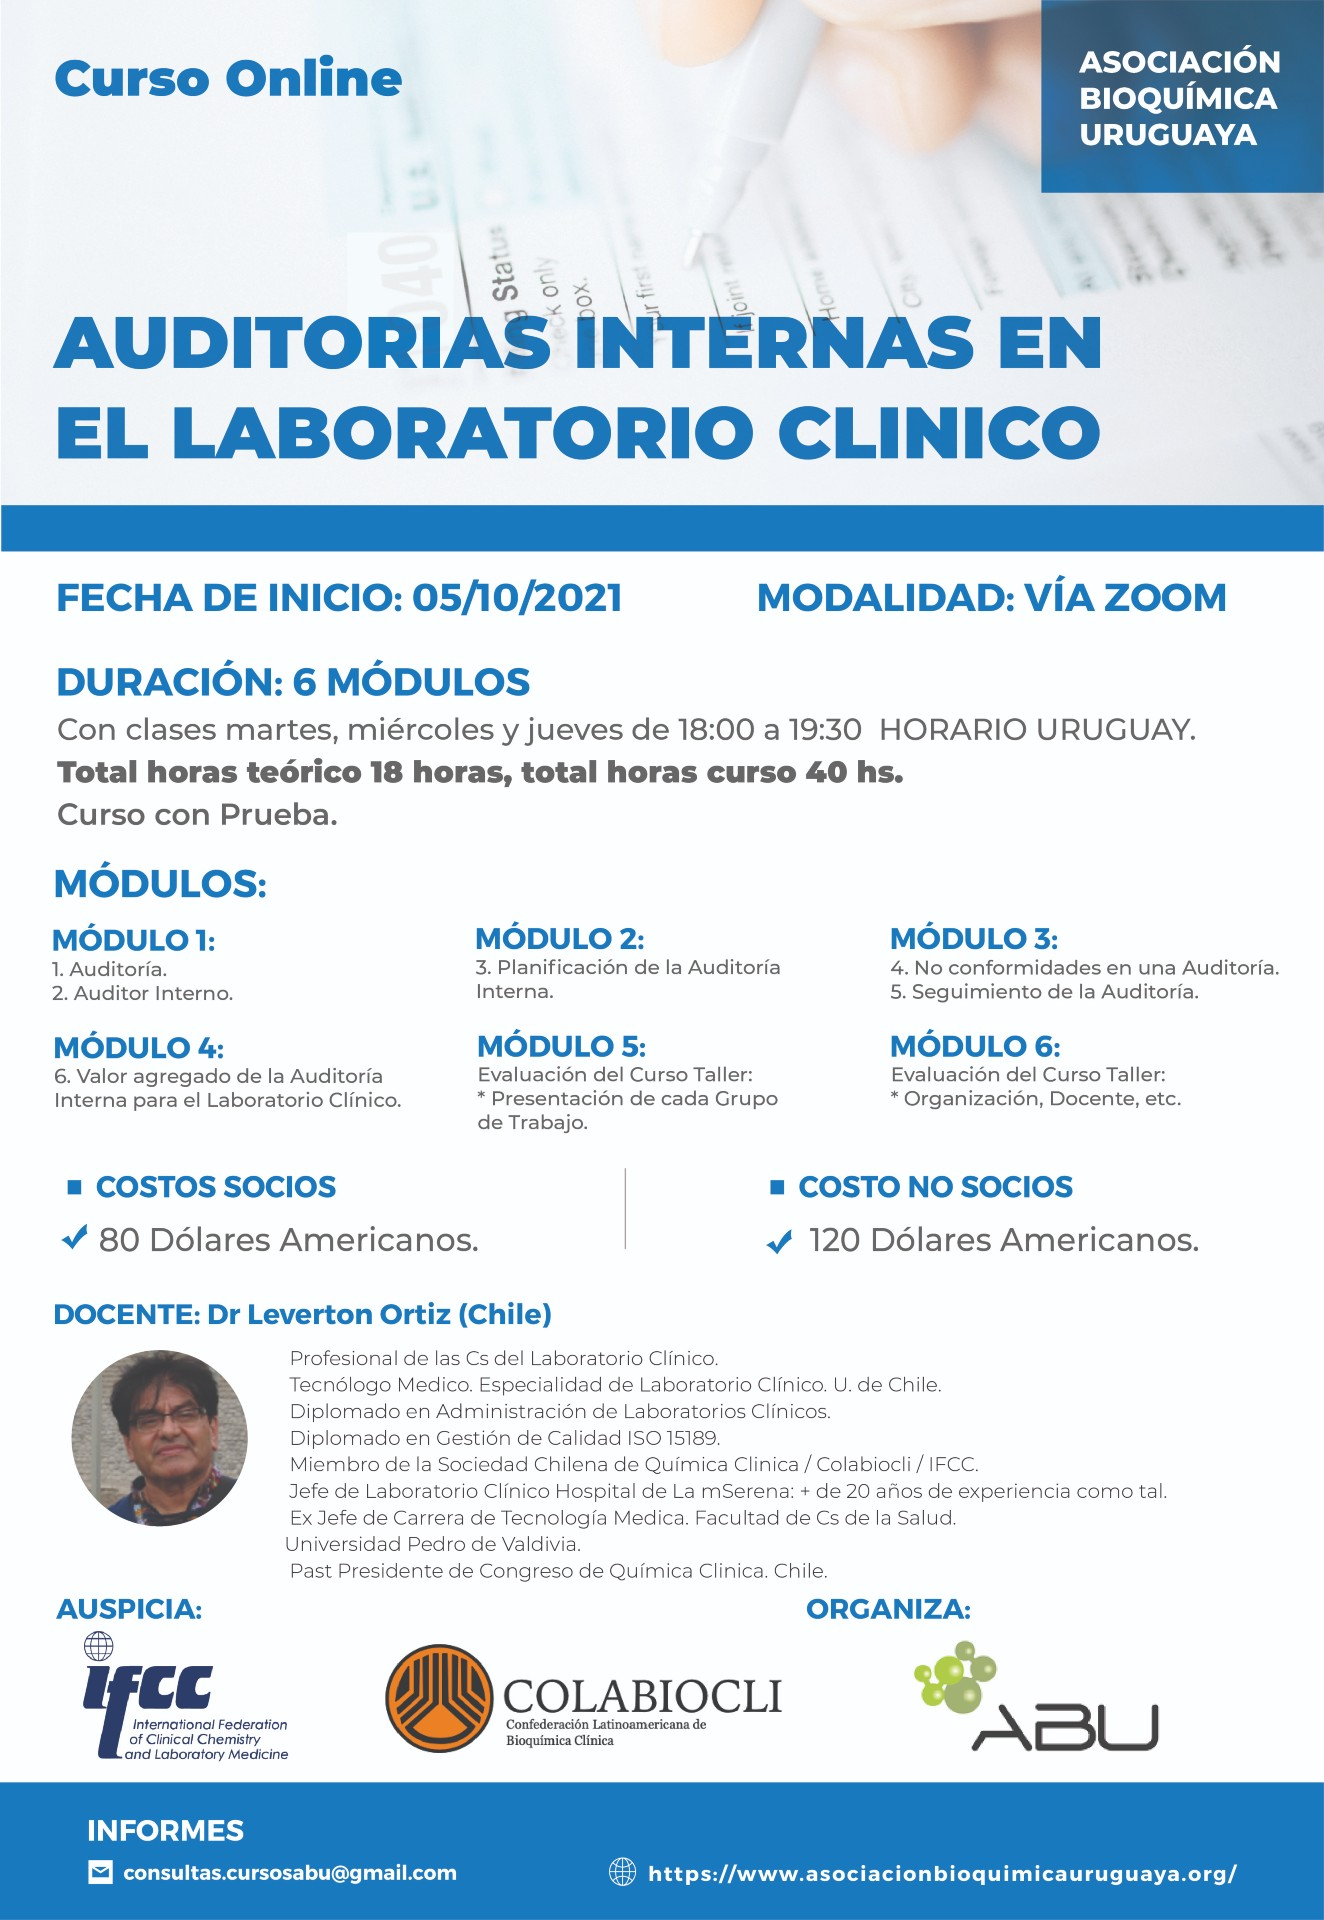 AUDITORIAS INTERNAS EN EL LABORATORIO